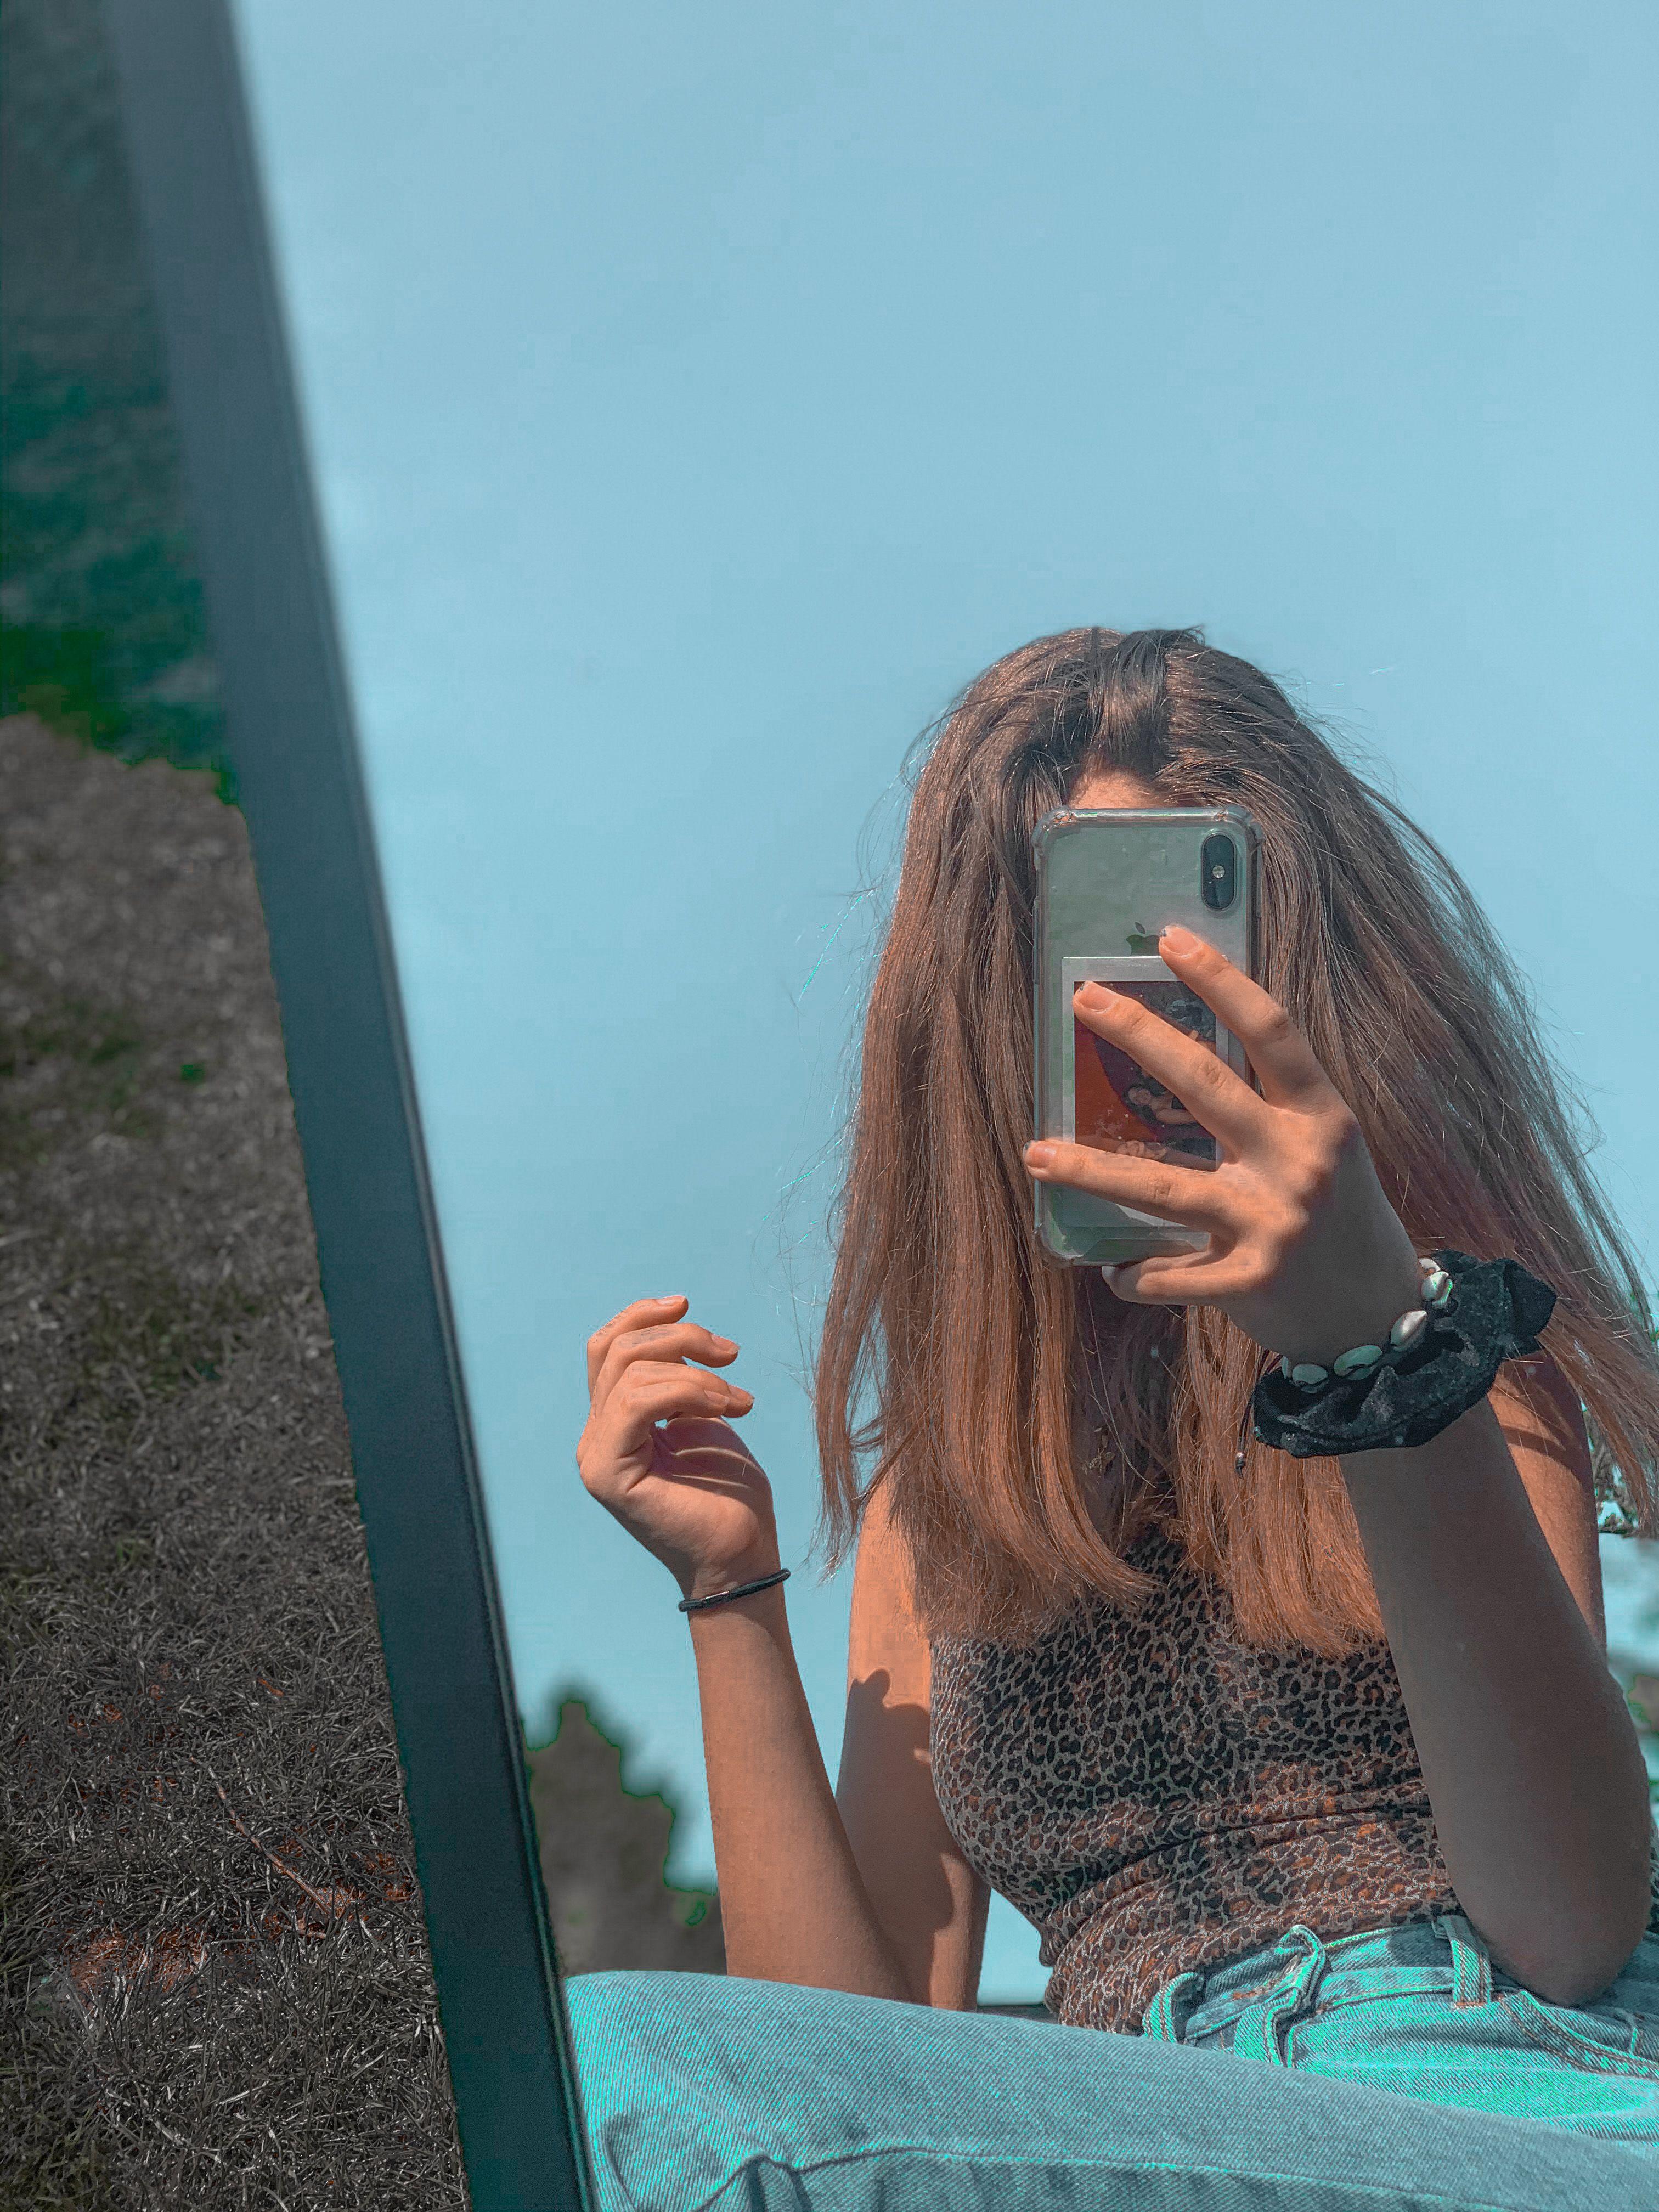 Outdoor Mirror Challenge In 2020 Selfie Poses Instagram Photography Poses Outdoor Mirror